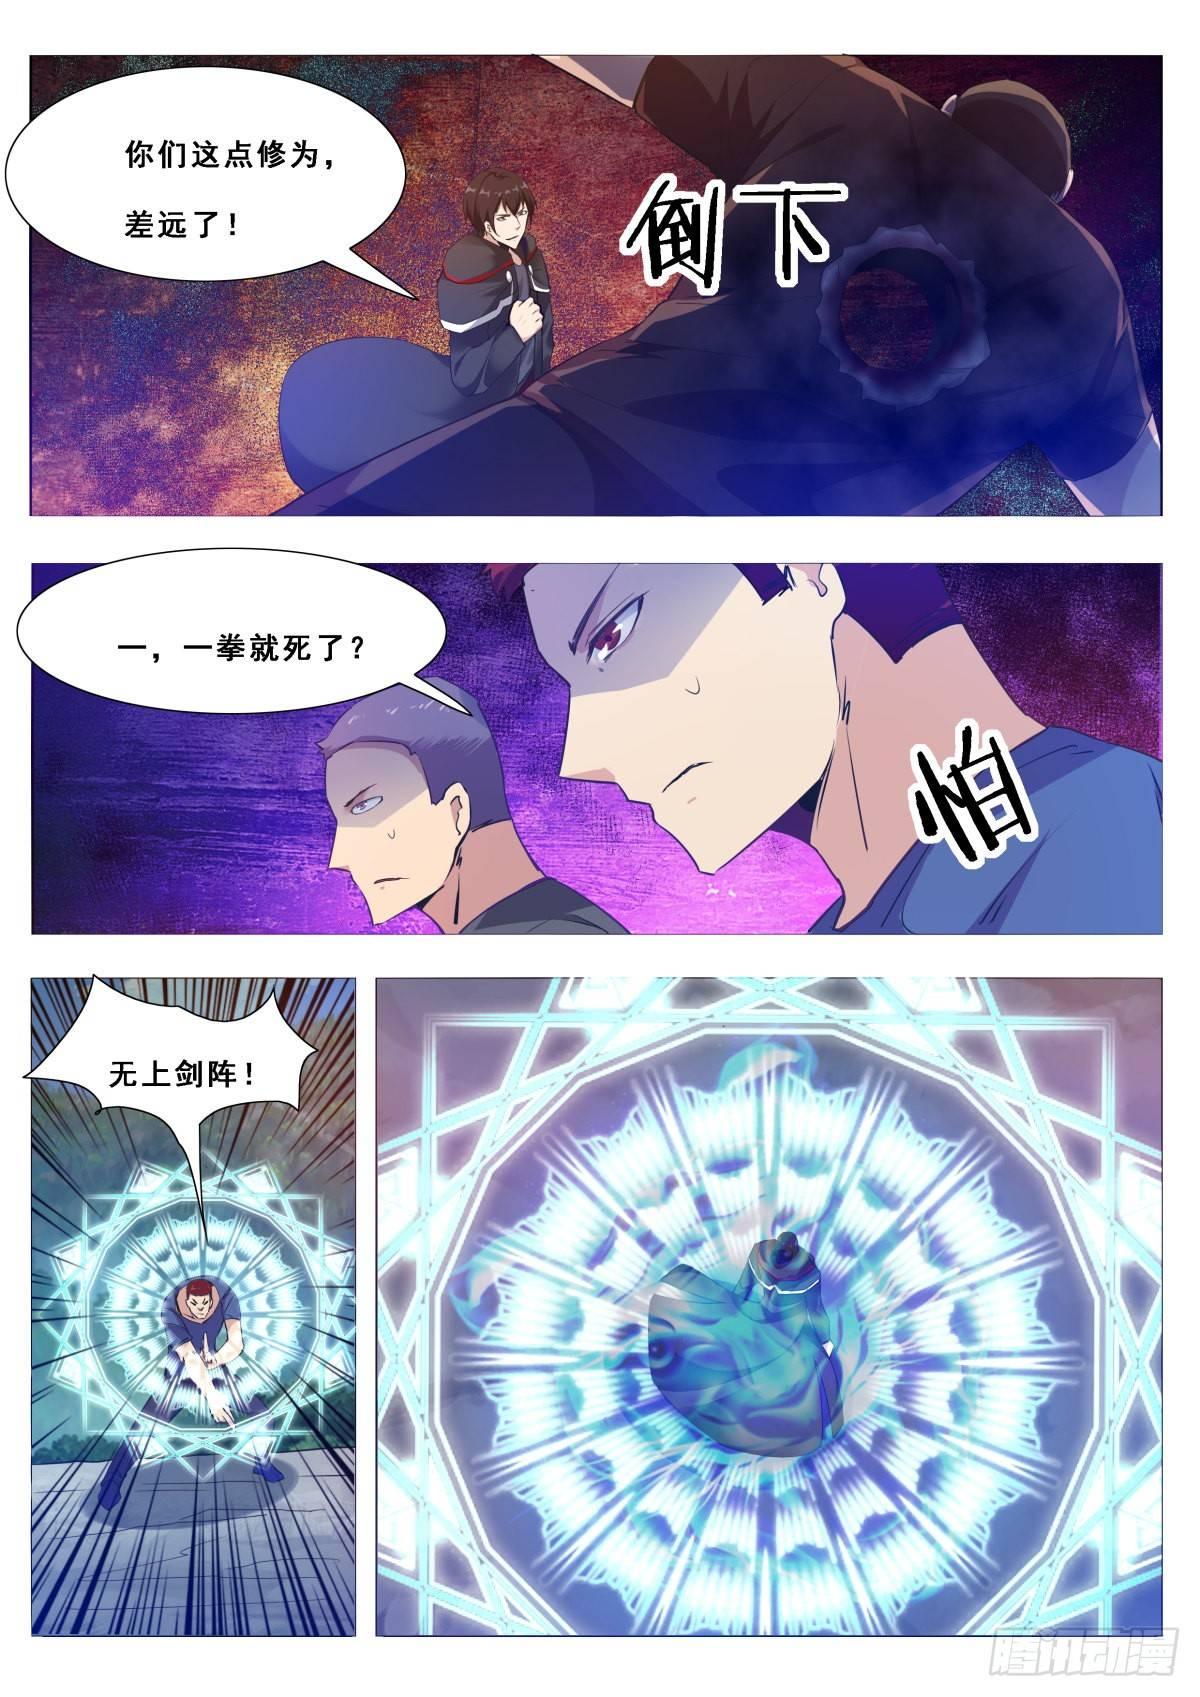 【漫画更新】   最强神王第一百零四话   无上剑阵